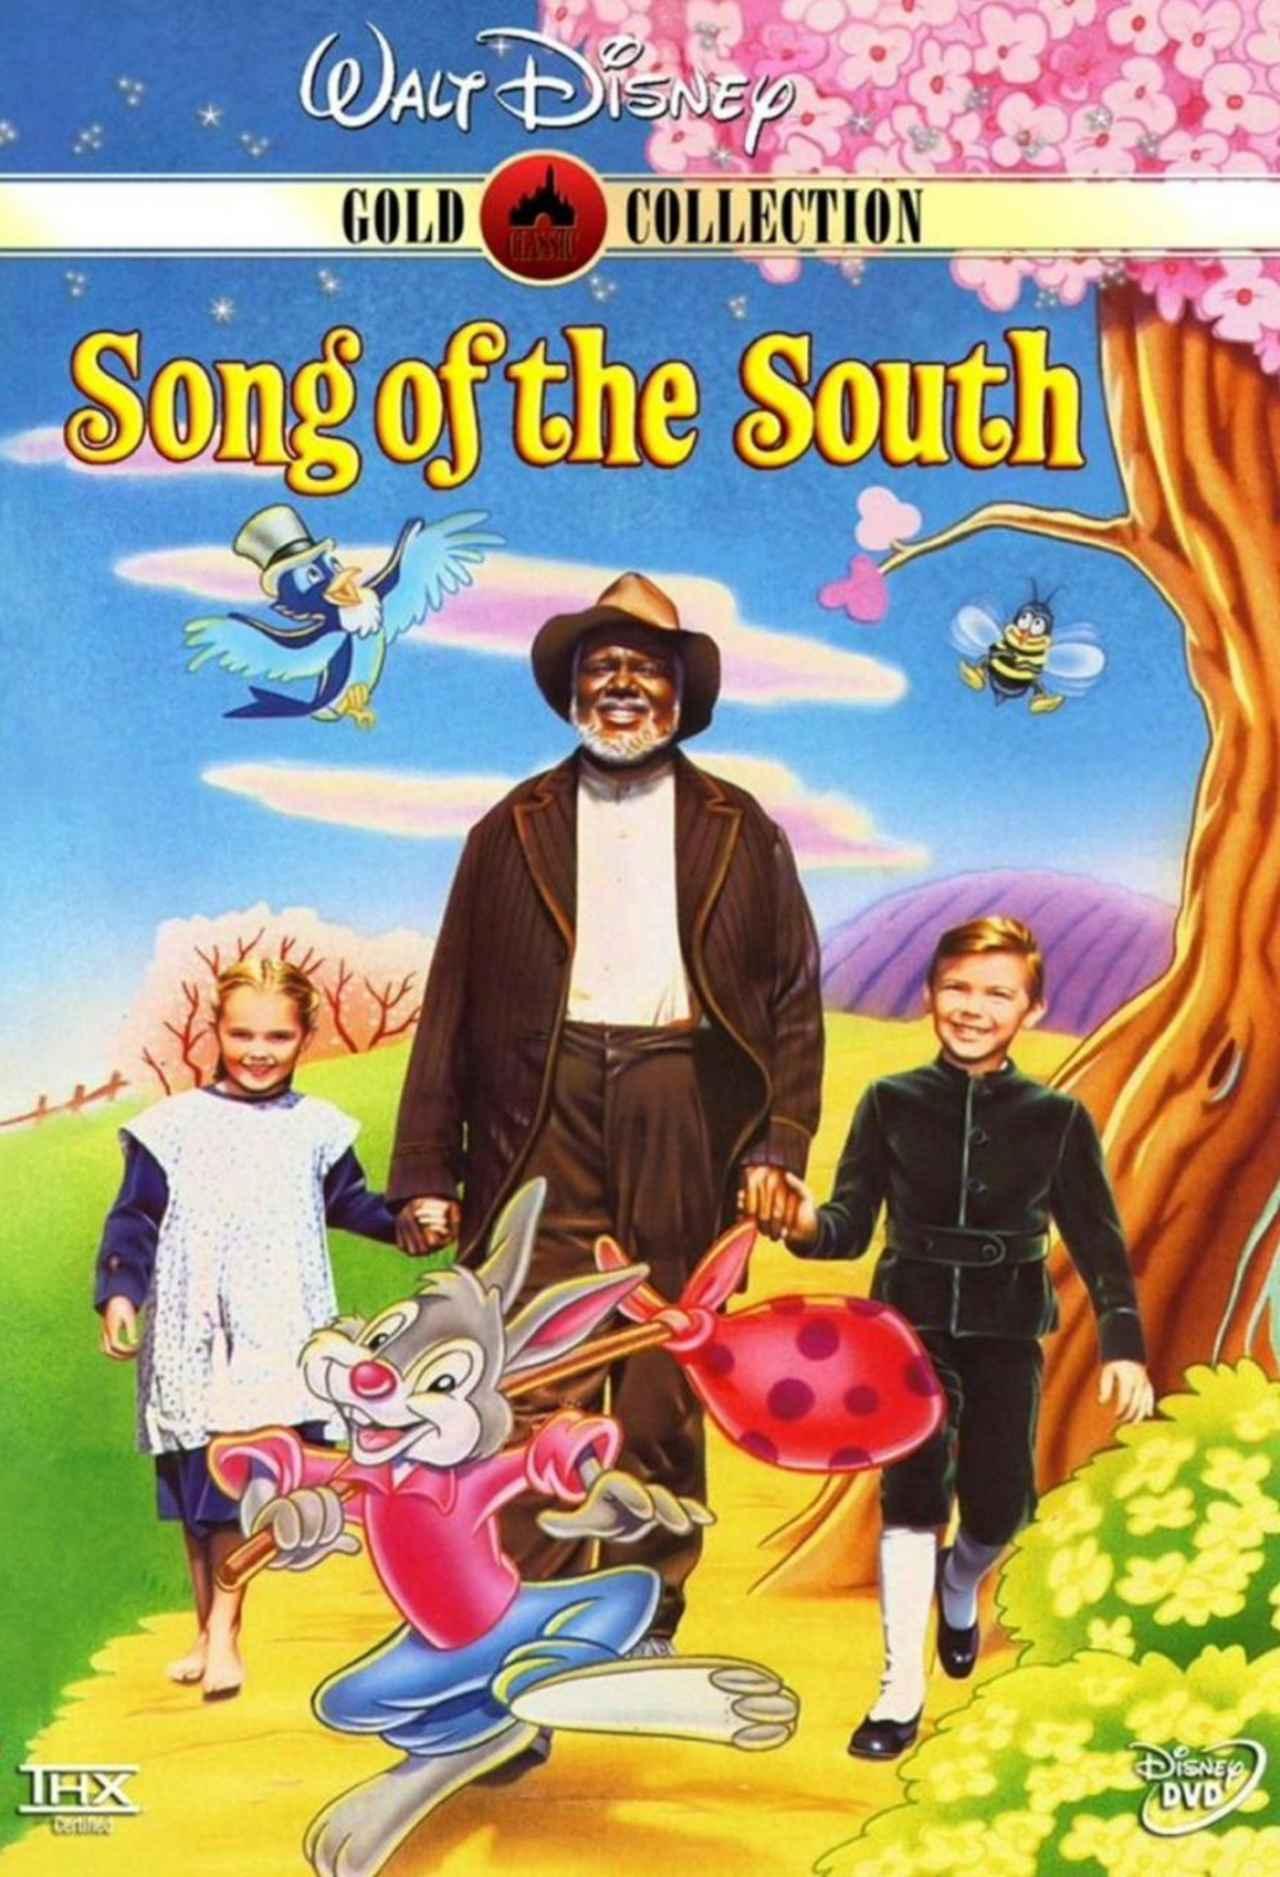 画像: 『南部の唄』はアメリカ南部の農場を舞台に白人の少年ジョニーと黒人のリーマスおじさんの心のふれあいを描いた実写部分を軸に、リーマスおじさんが話すおとぎ話の部分がアニメーションとして登場する実写とアニメーションが融合した作品。東京ディズニーランドにあるスプラッシュ・マウンテンの題材となった。(写真はDVDパッケージ)